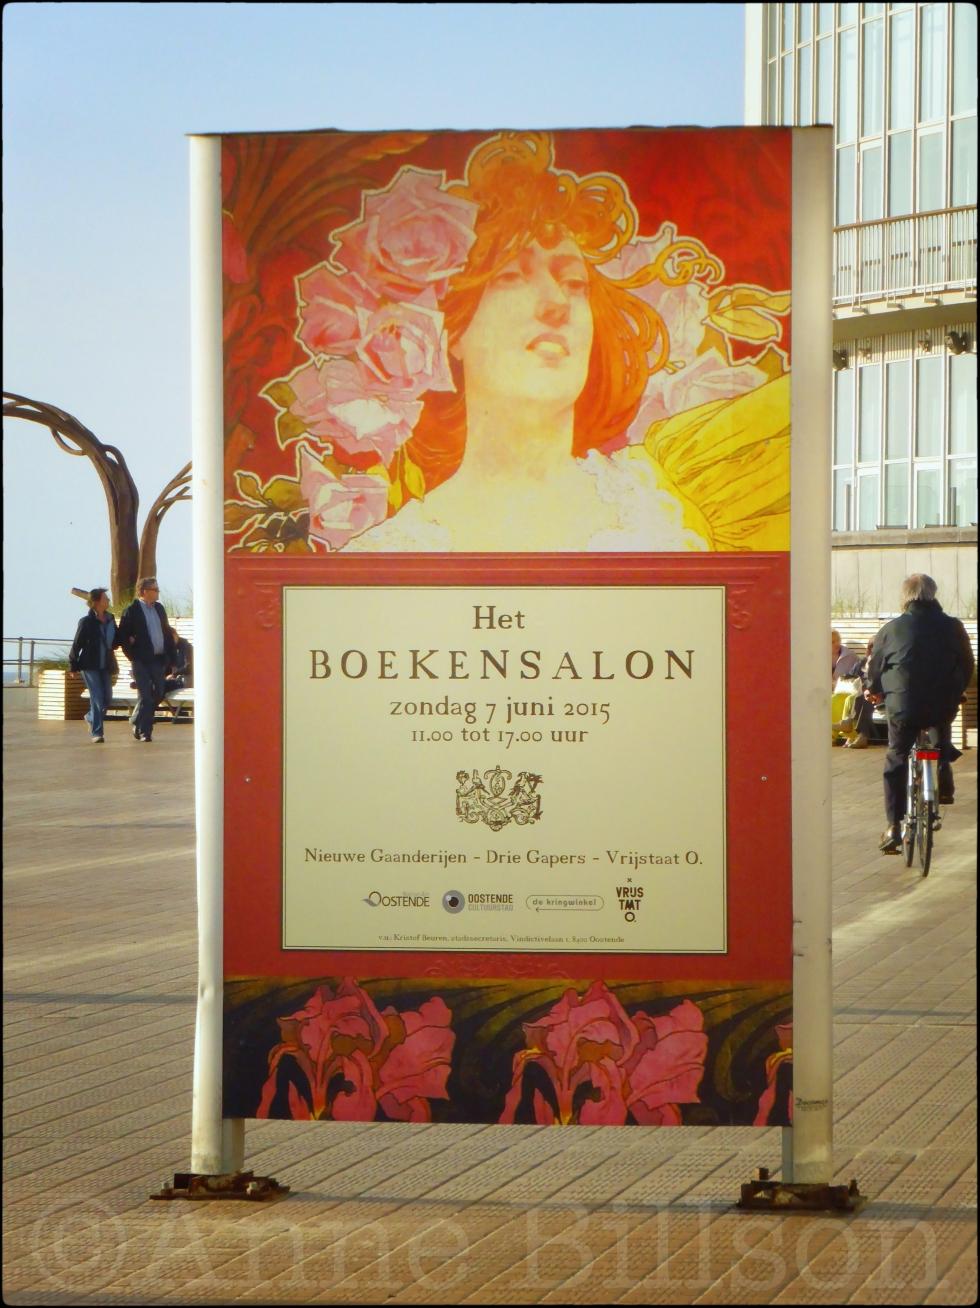 Het boekensalon: Albert I-promenade, Oostende.